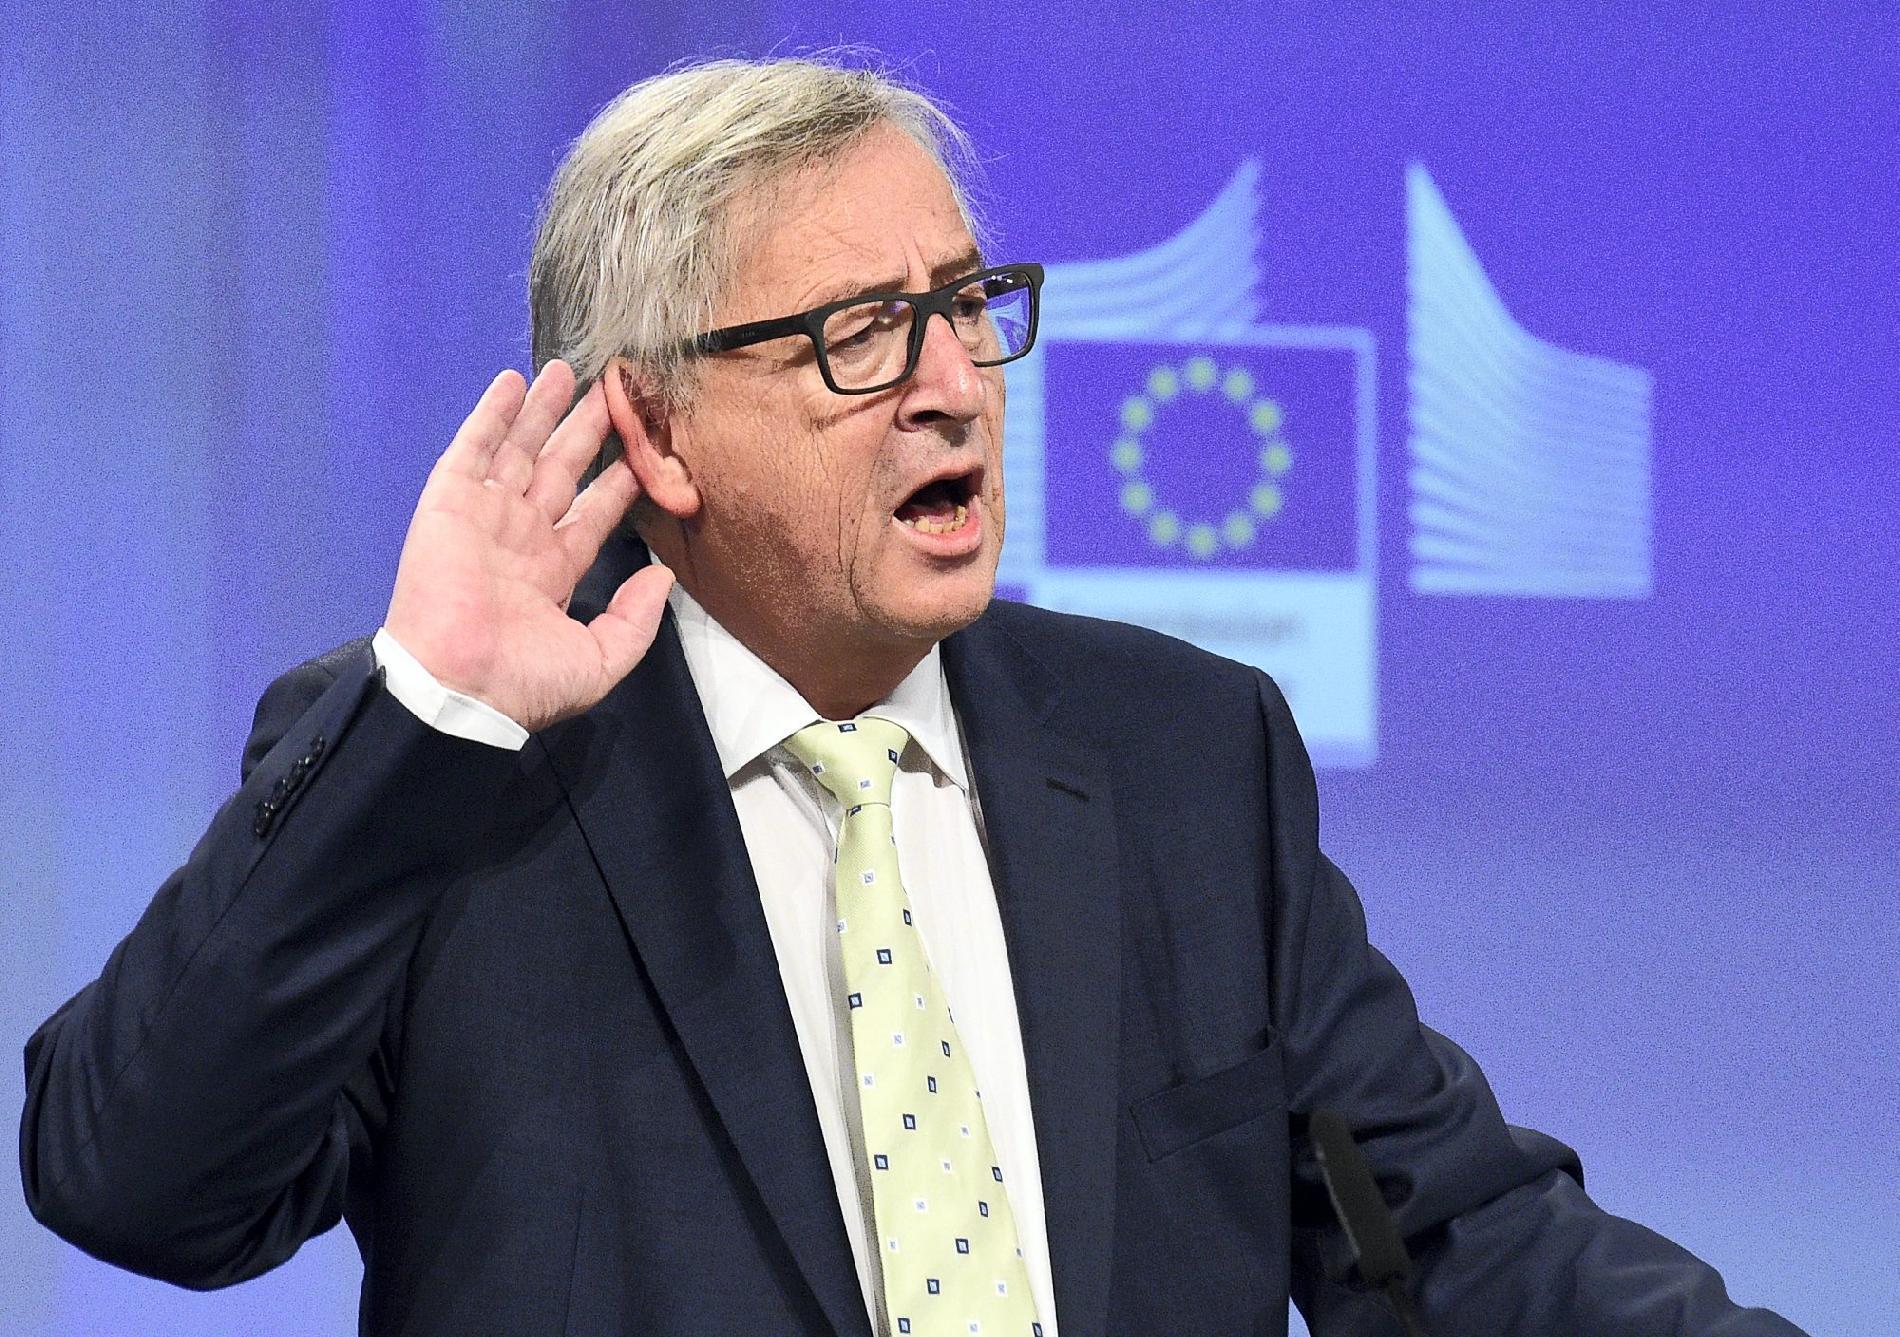 단신 : 장 클로드 융커와 EU